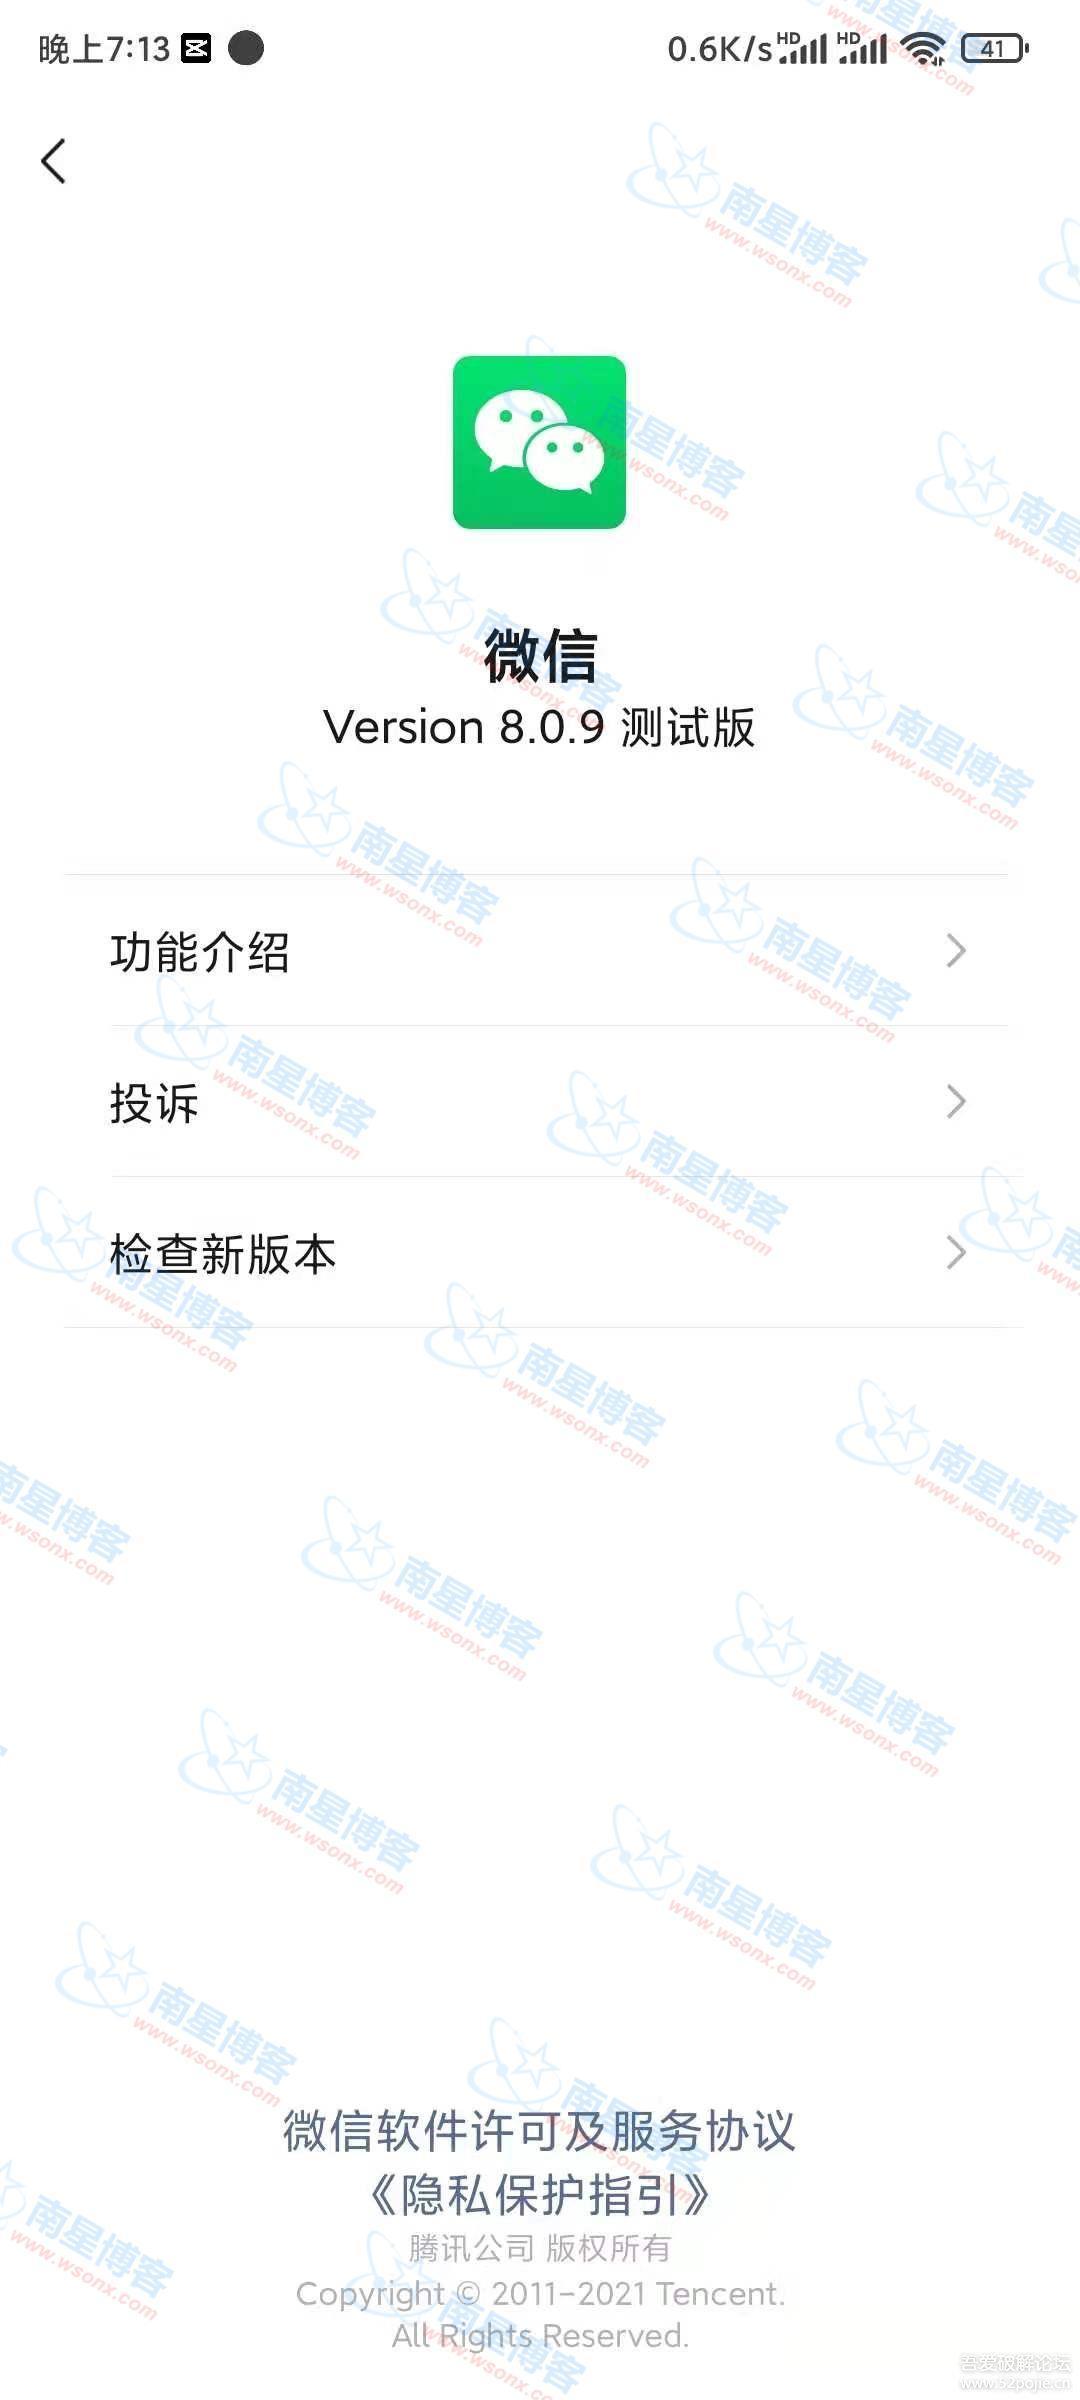 [Android]微信8.0.9测试版抢先体验